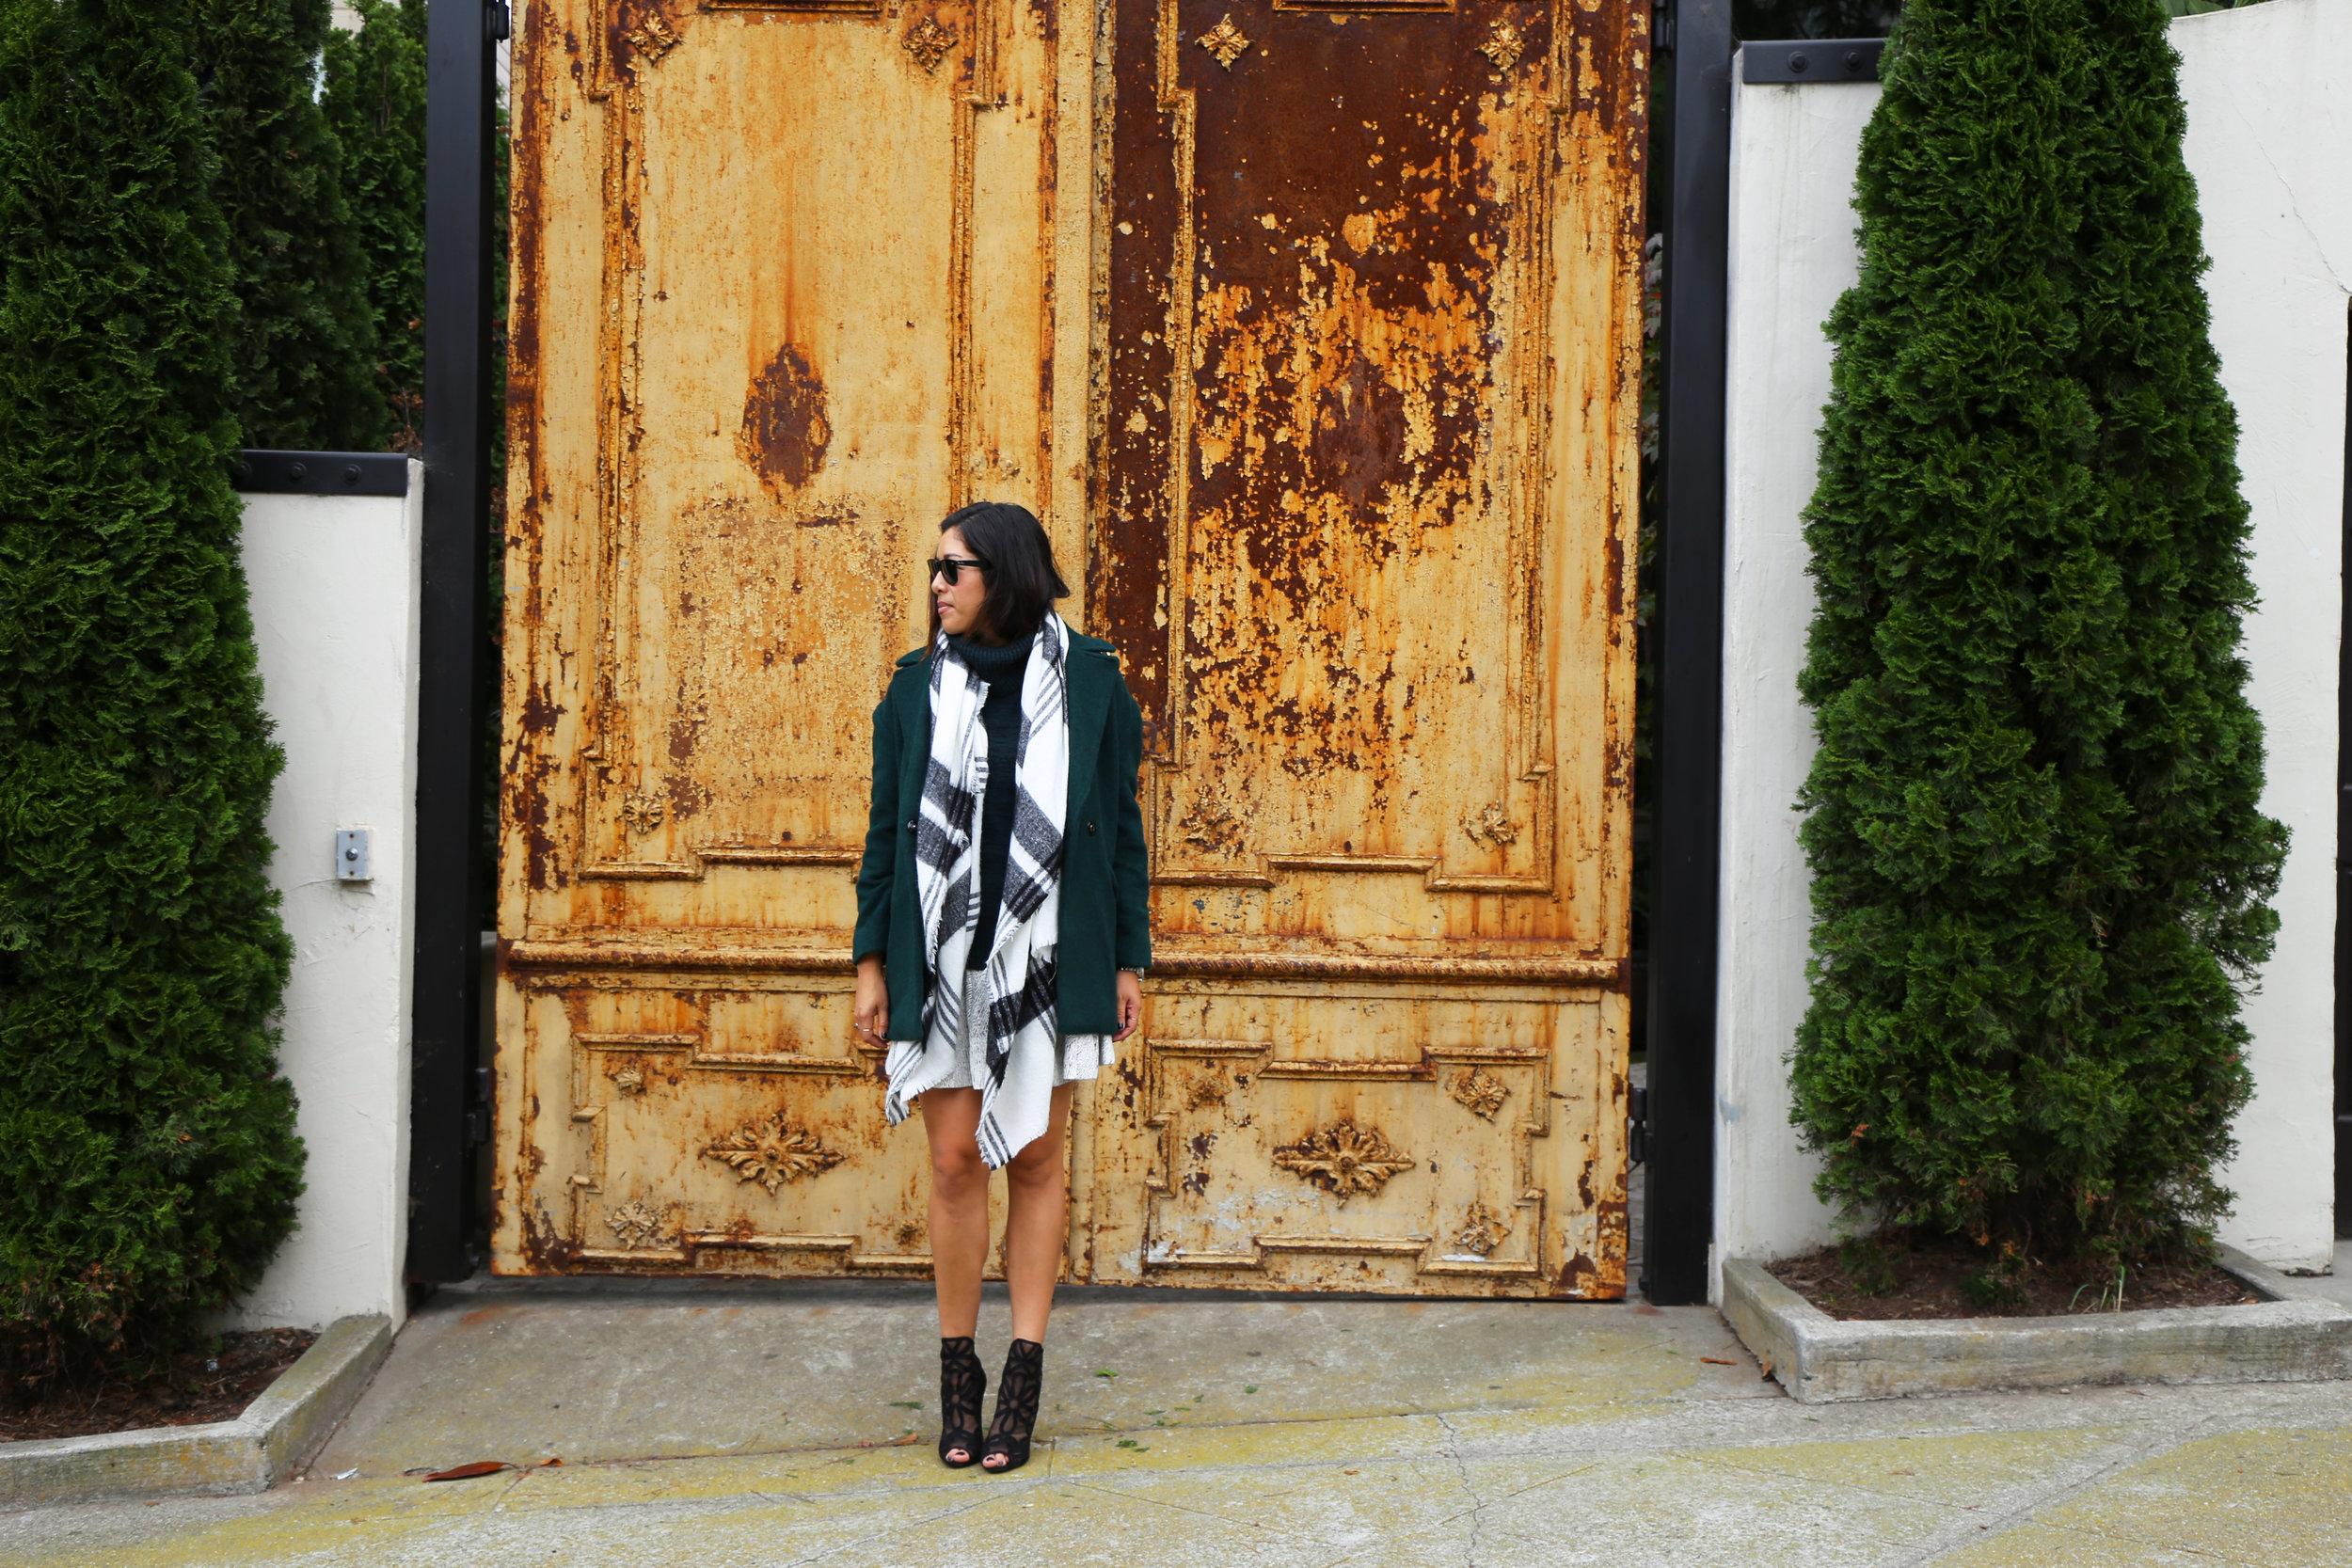 Mandi green 15.jpg